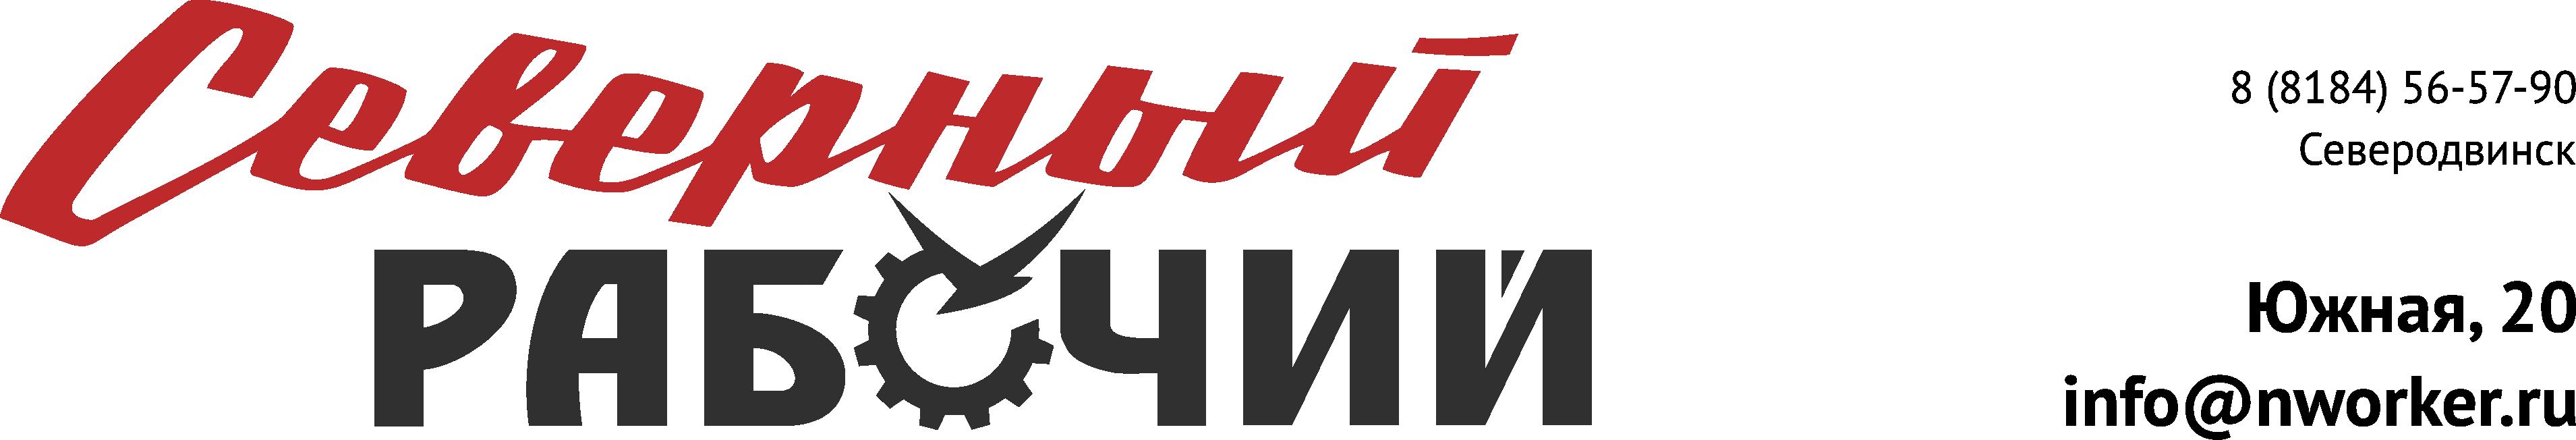 Северный рабочий